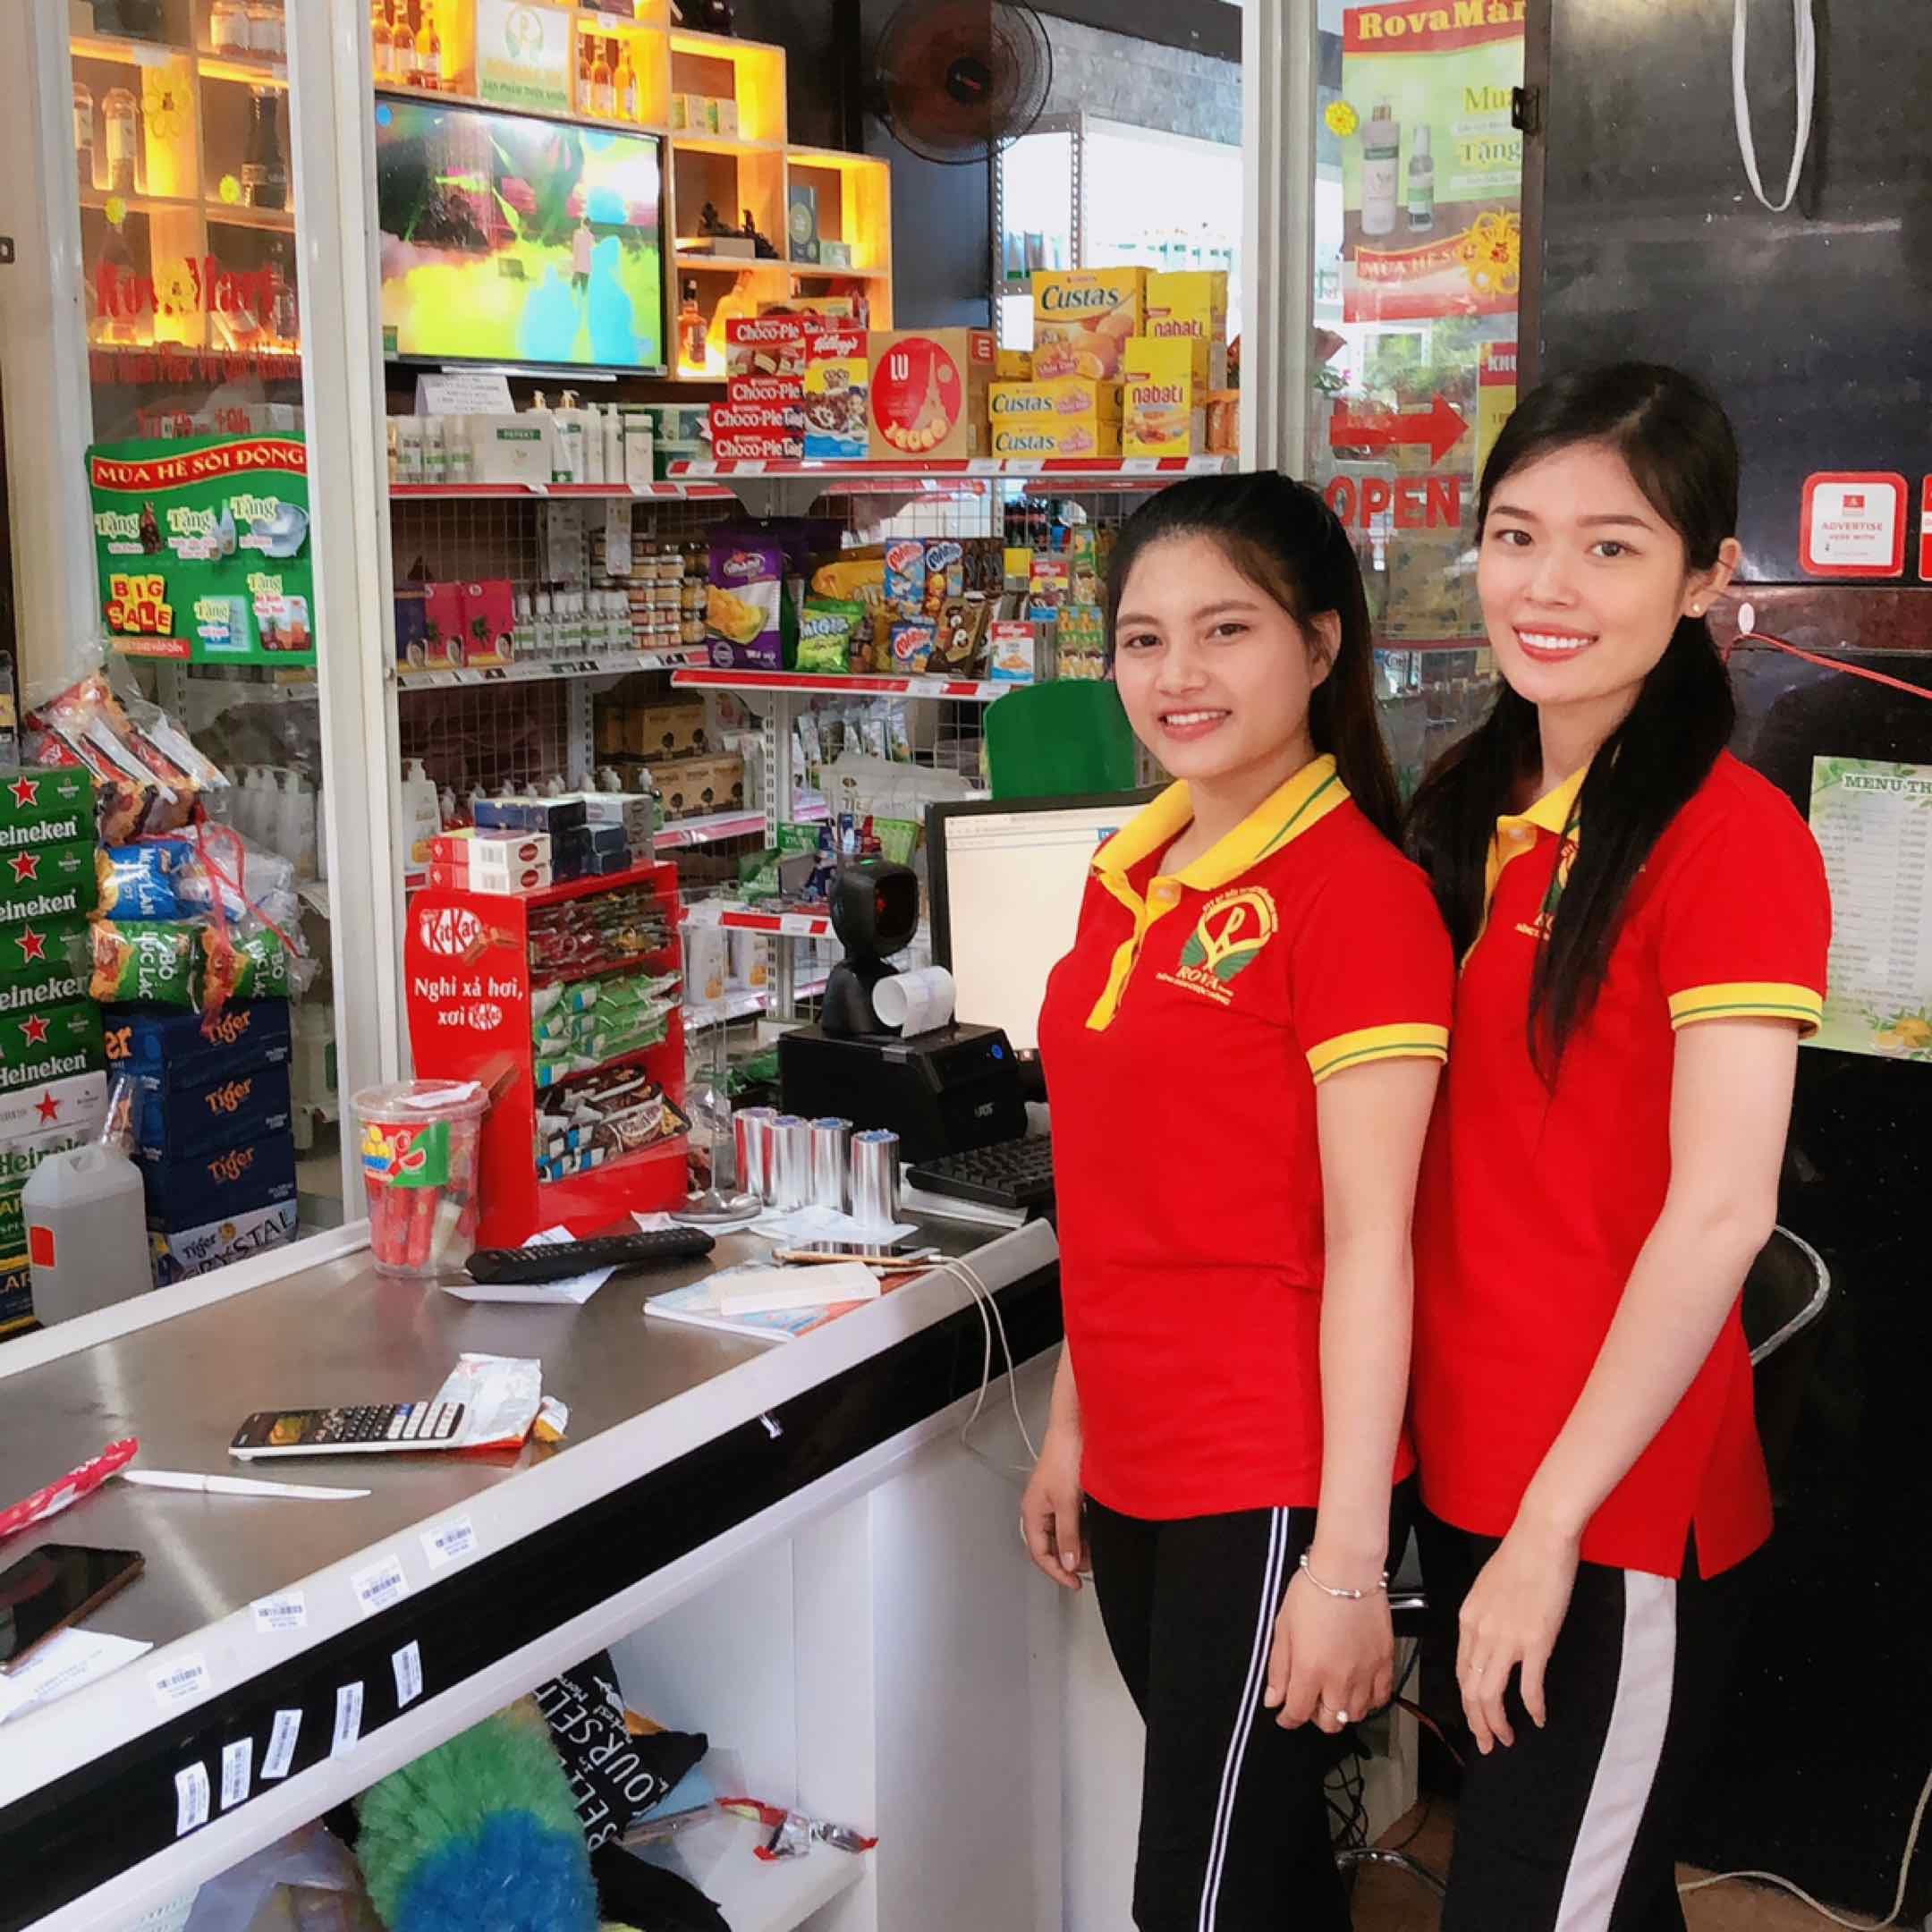 Nơi mua bán những sản phẩm thiên nhiên cho sức khoẻ và sắc đẹp.